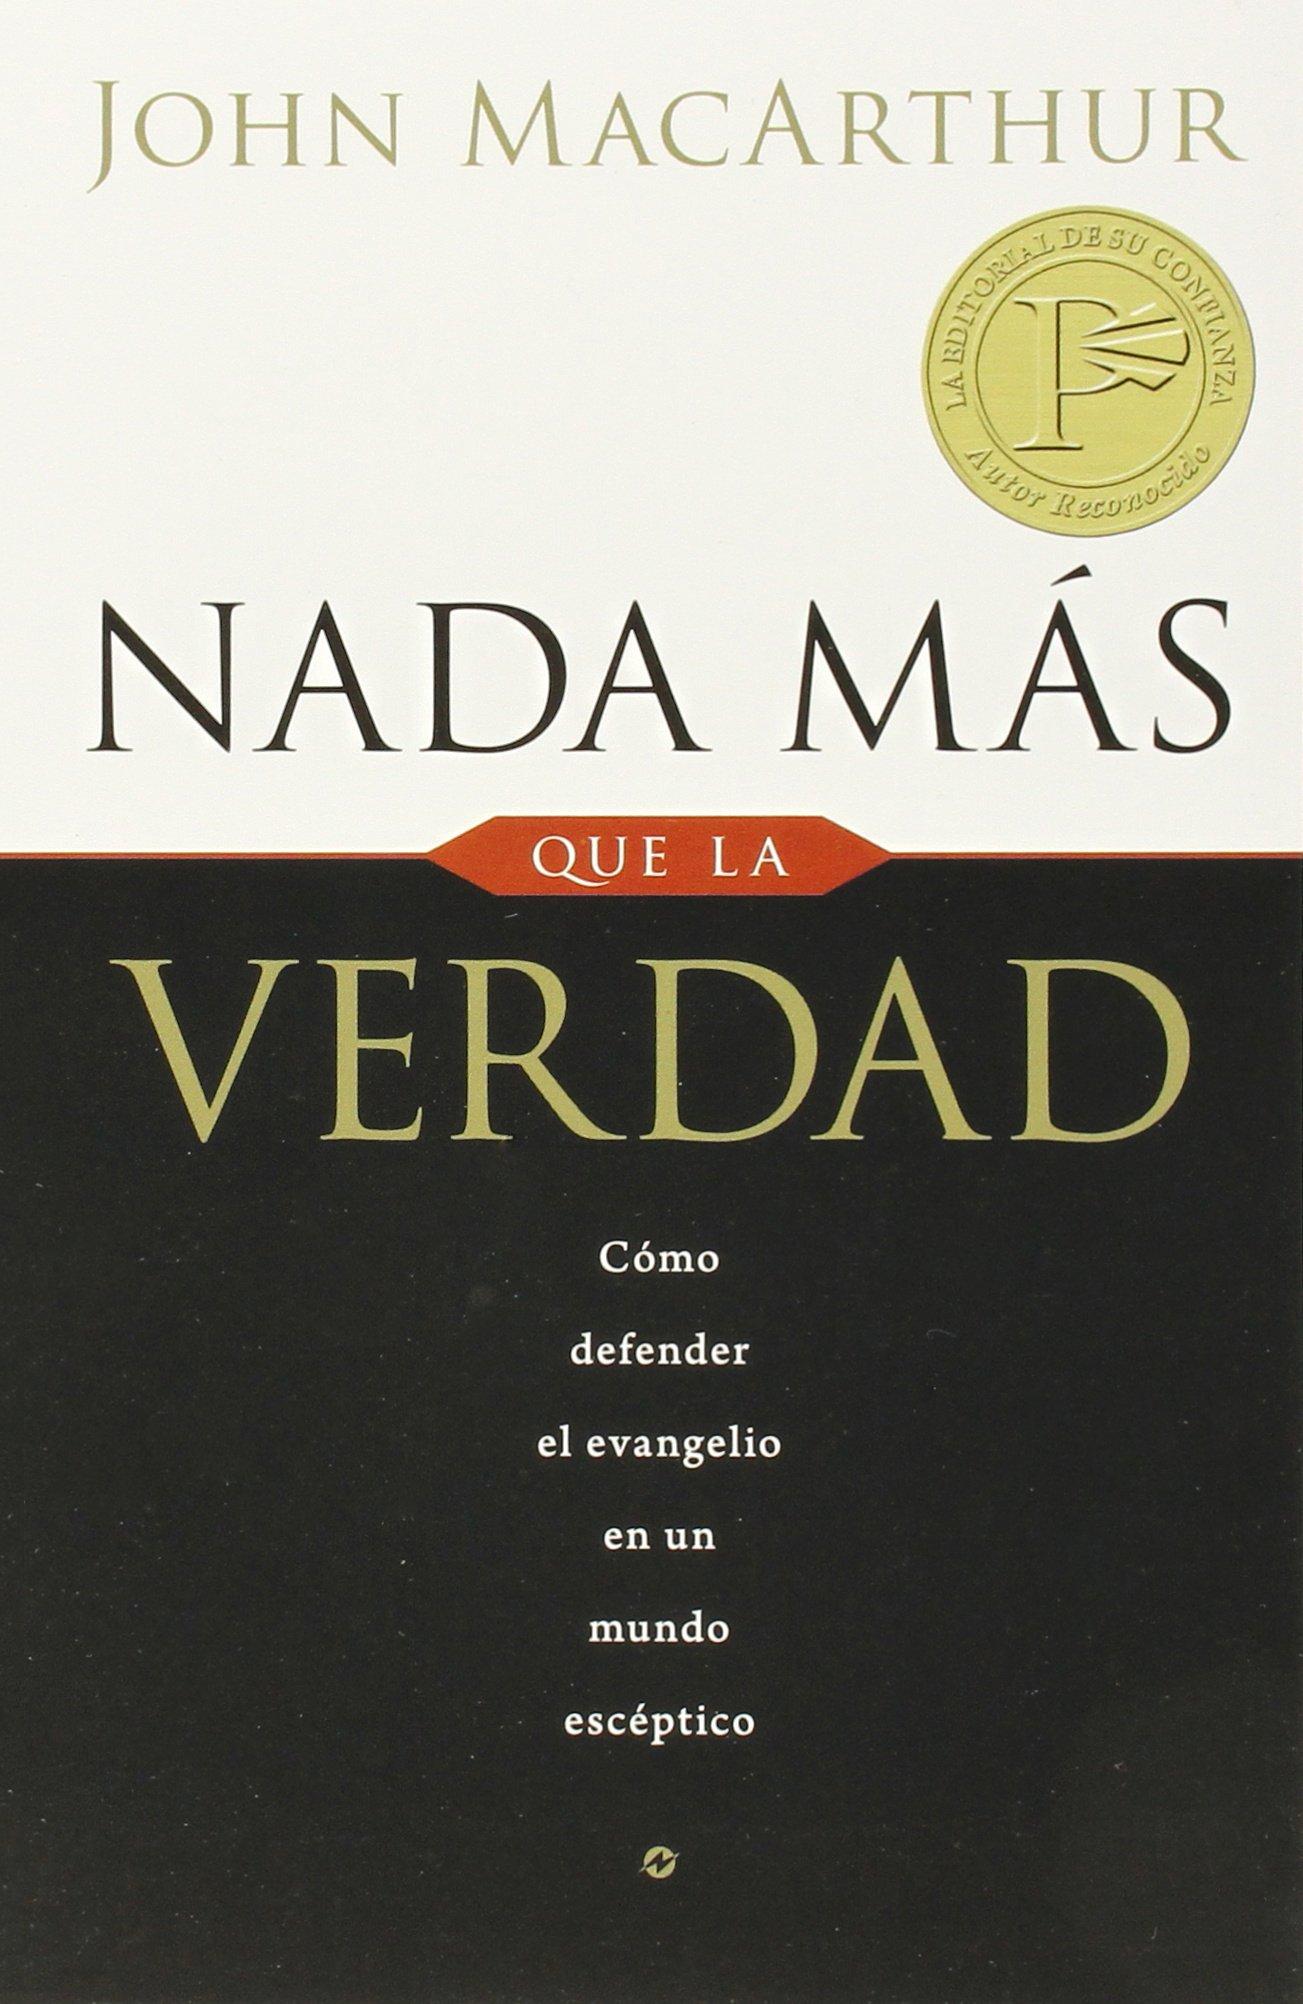 NADA Más Que La Verdad: Como Defender El Evangelio En Un Mundo Esceptico:  Amazon.co.uk: John MacArthur: 9780825415821: Books